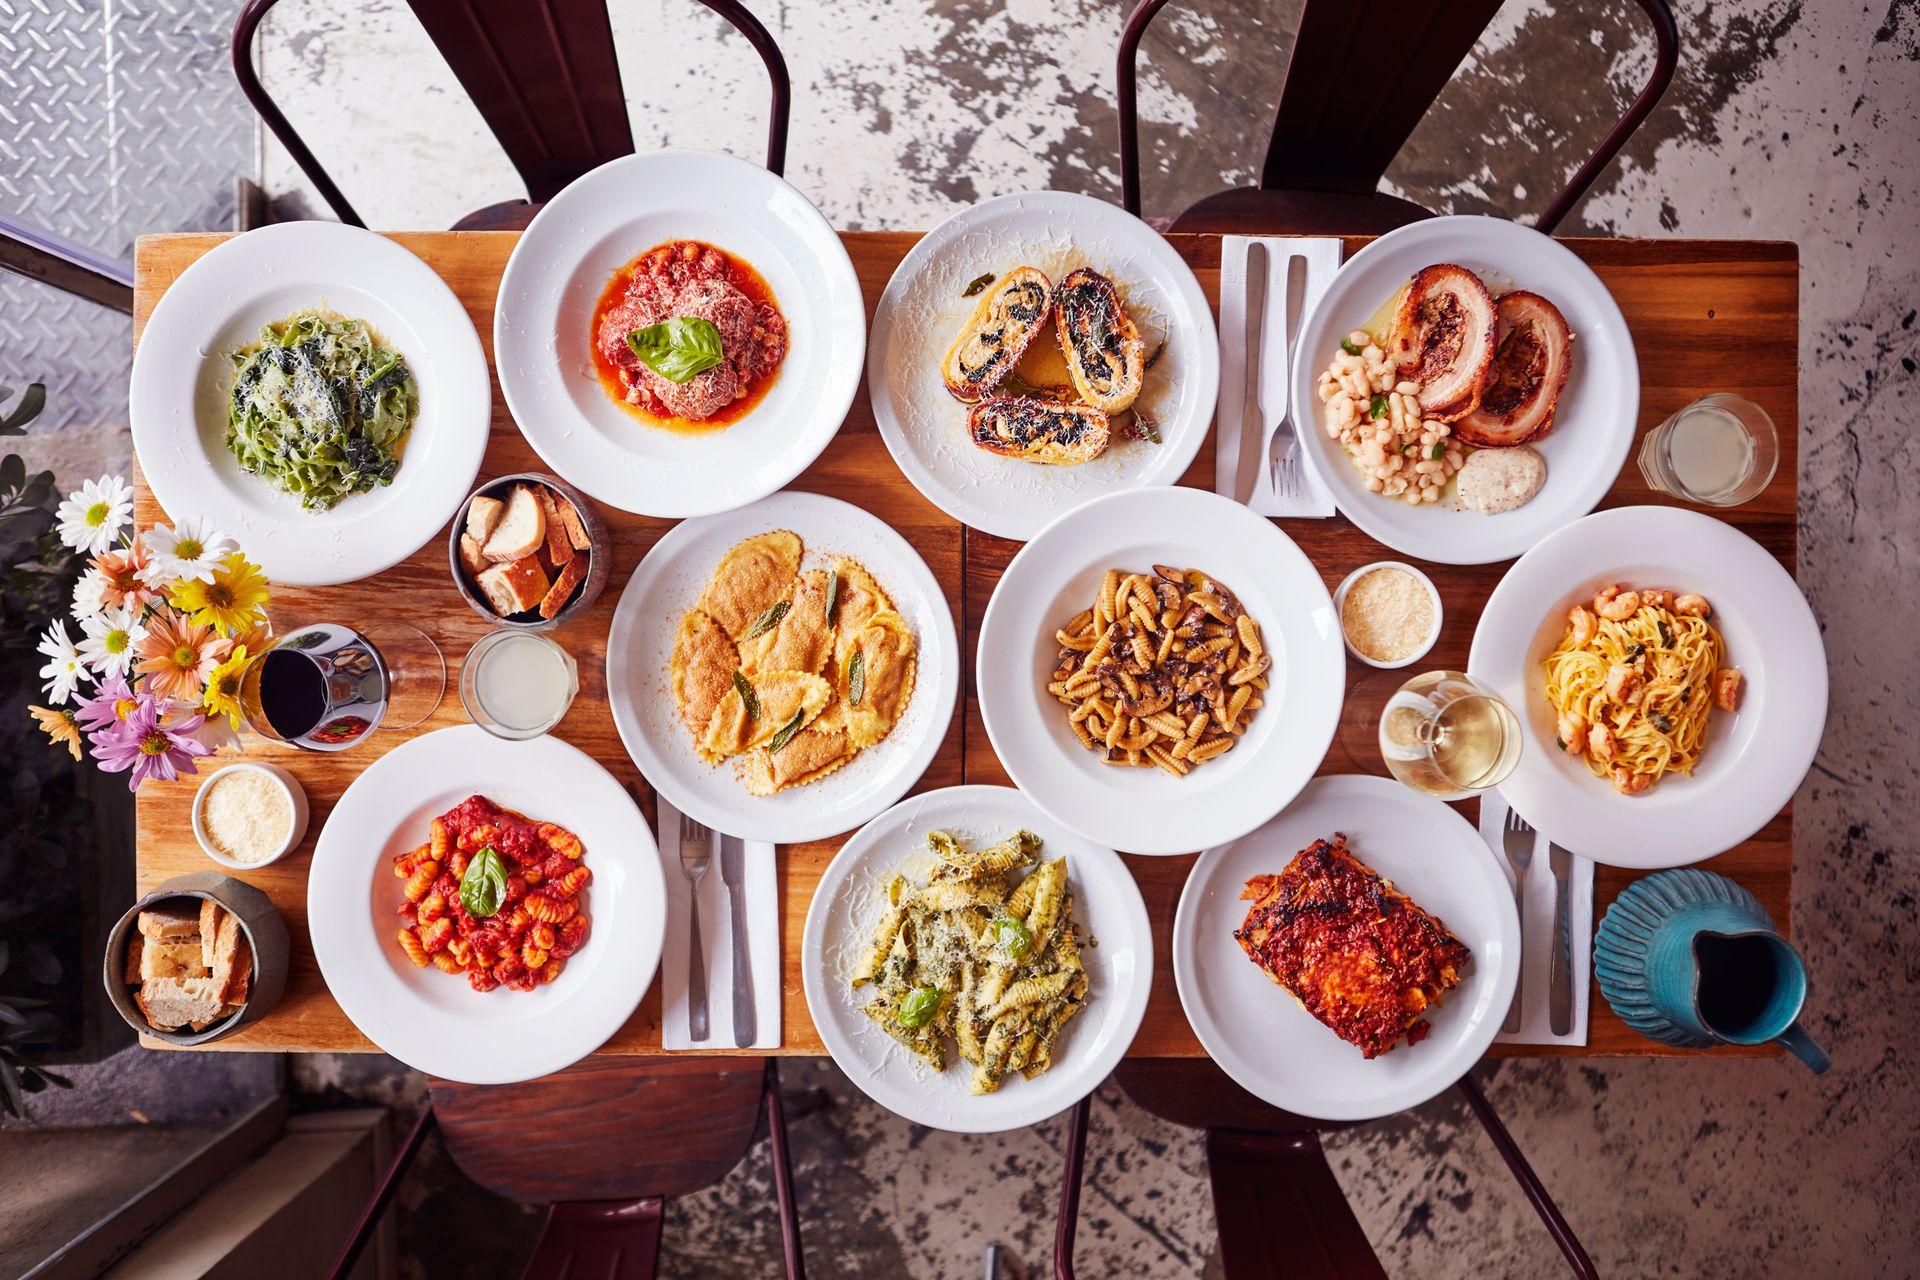 Los platos de La Alacena, en Palermo